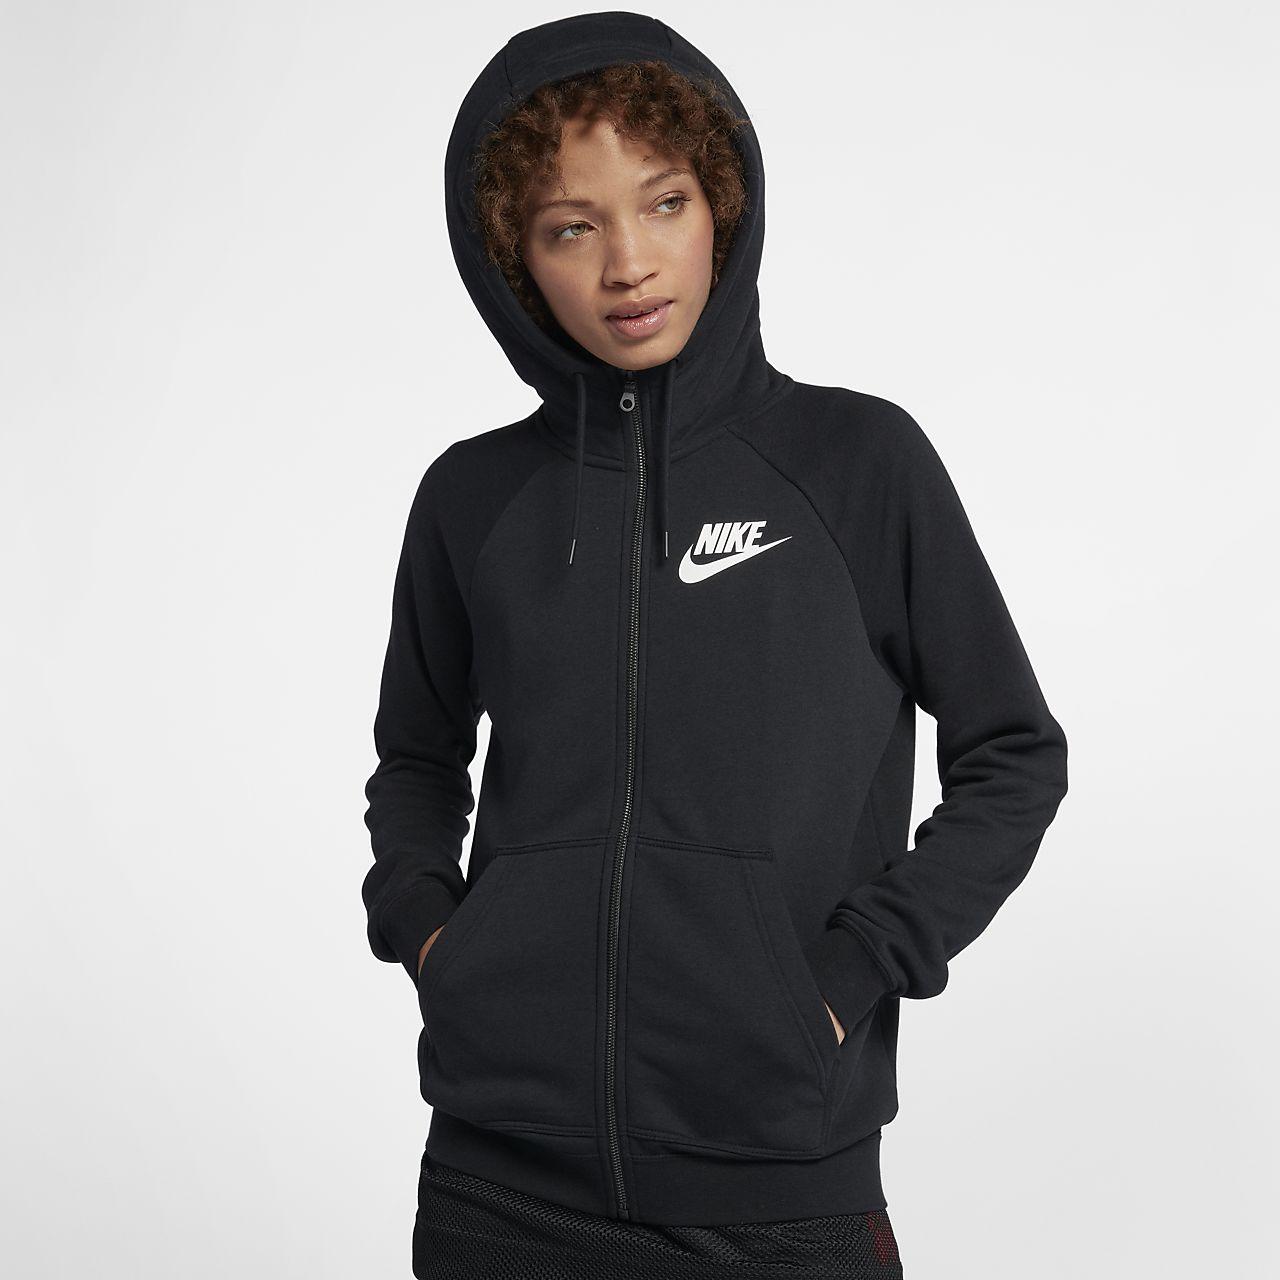 90629c4aa02040 ... Felpa con cappuccio e zip a tutta lunghezza Nike Sportswear Rally -  Donna